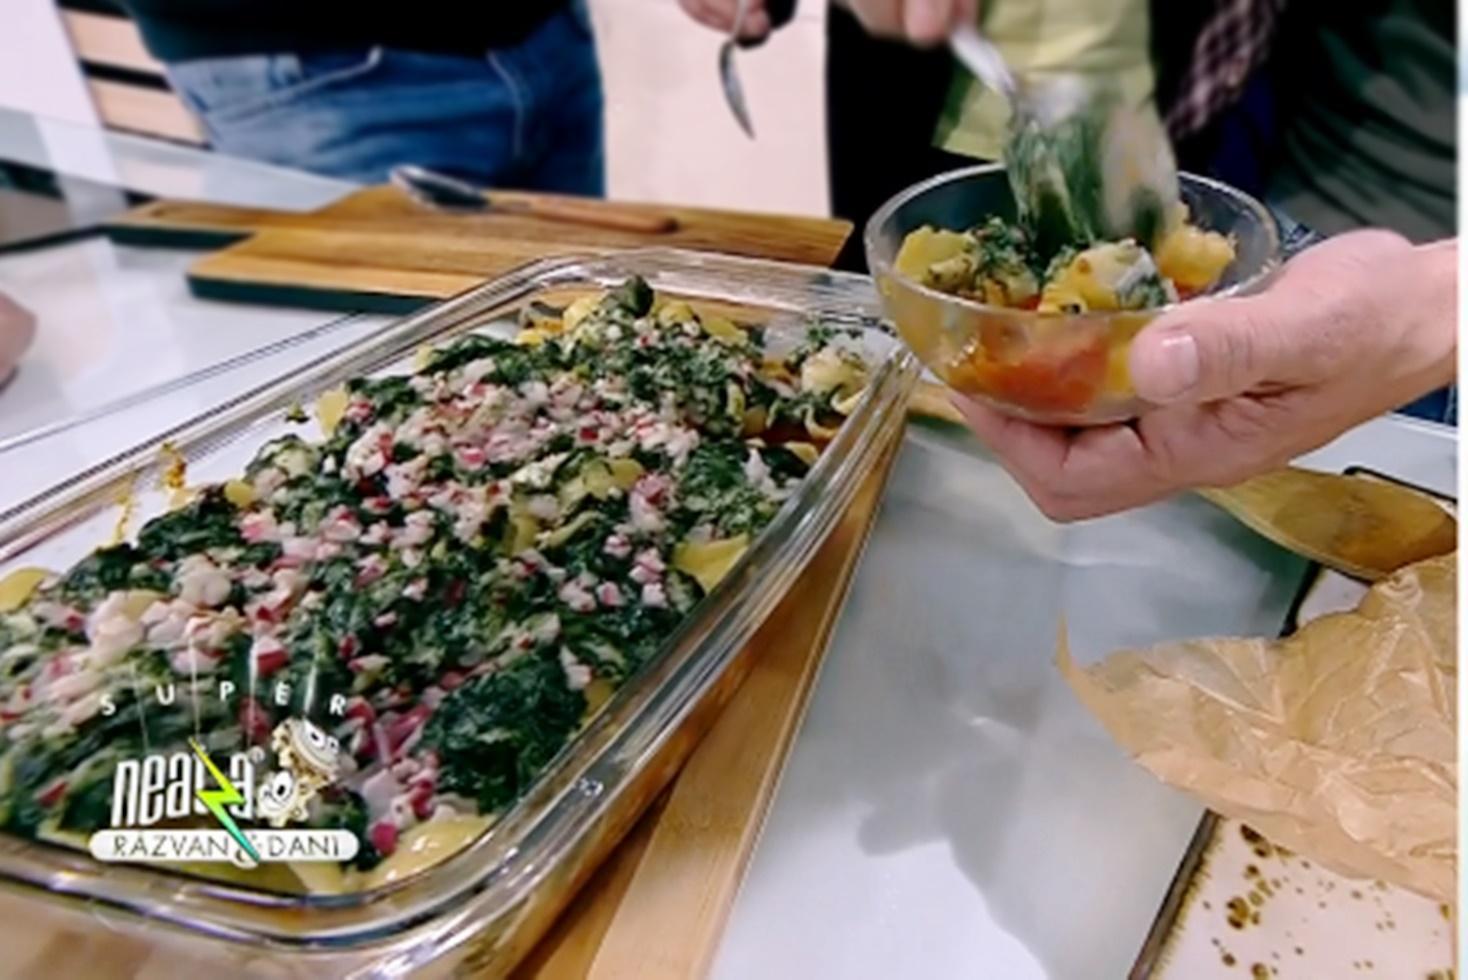 Rețetă de paste în sos de roșii  cu spanac și brânză de capră, gătită de Nicolai Tand la Neatza cu Răzvan și Dani